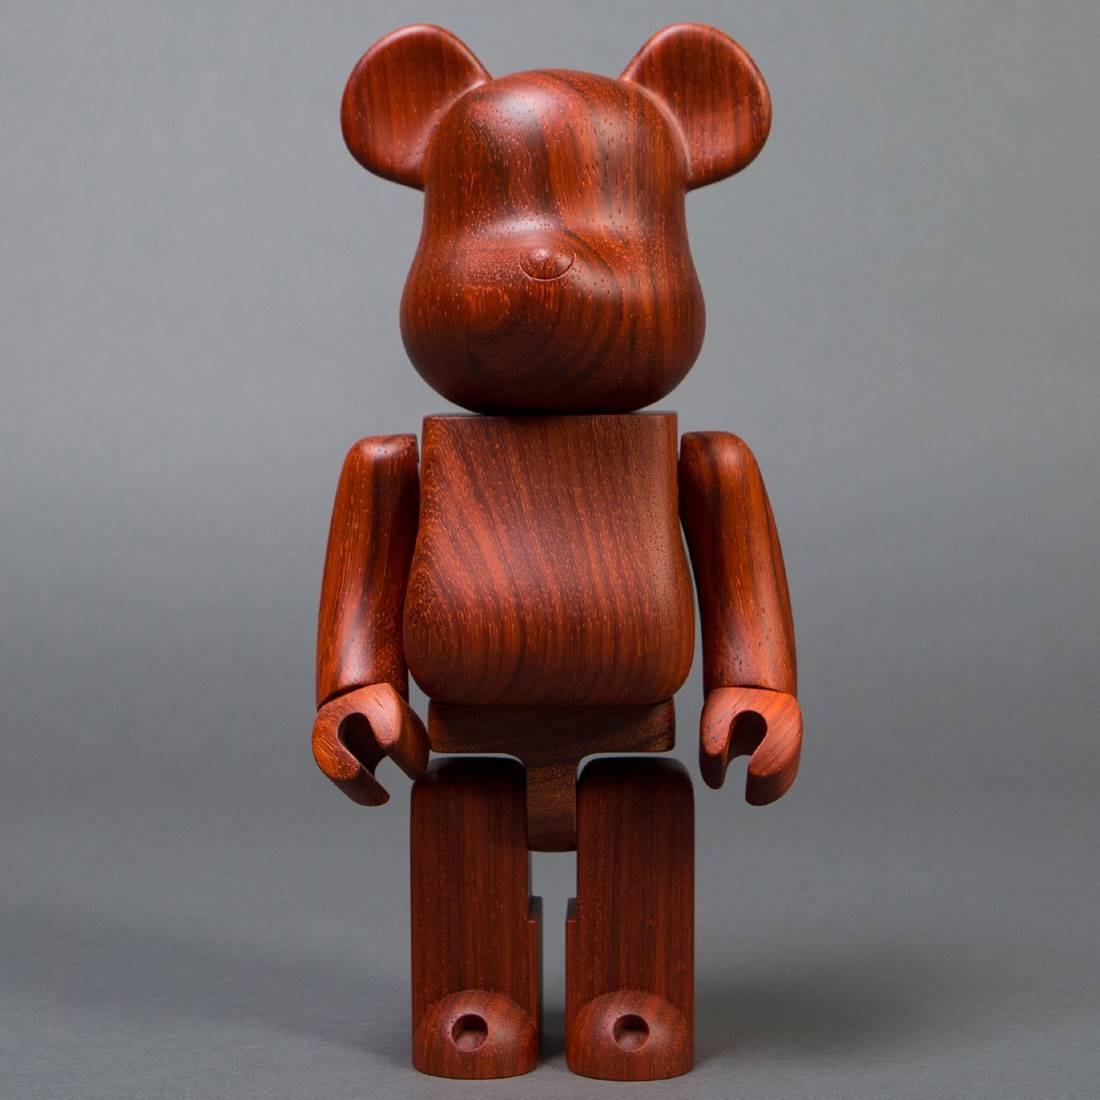 26033960 Medicom x Karimoku Padauk 400% Wooden Bearbrick Figure brown